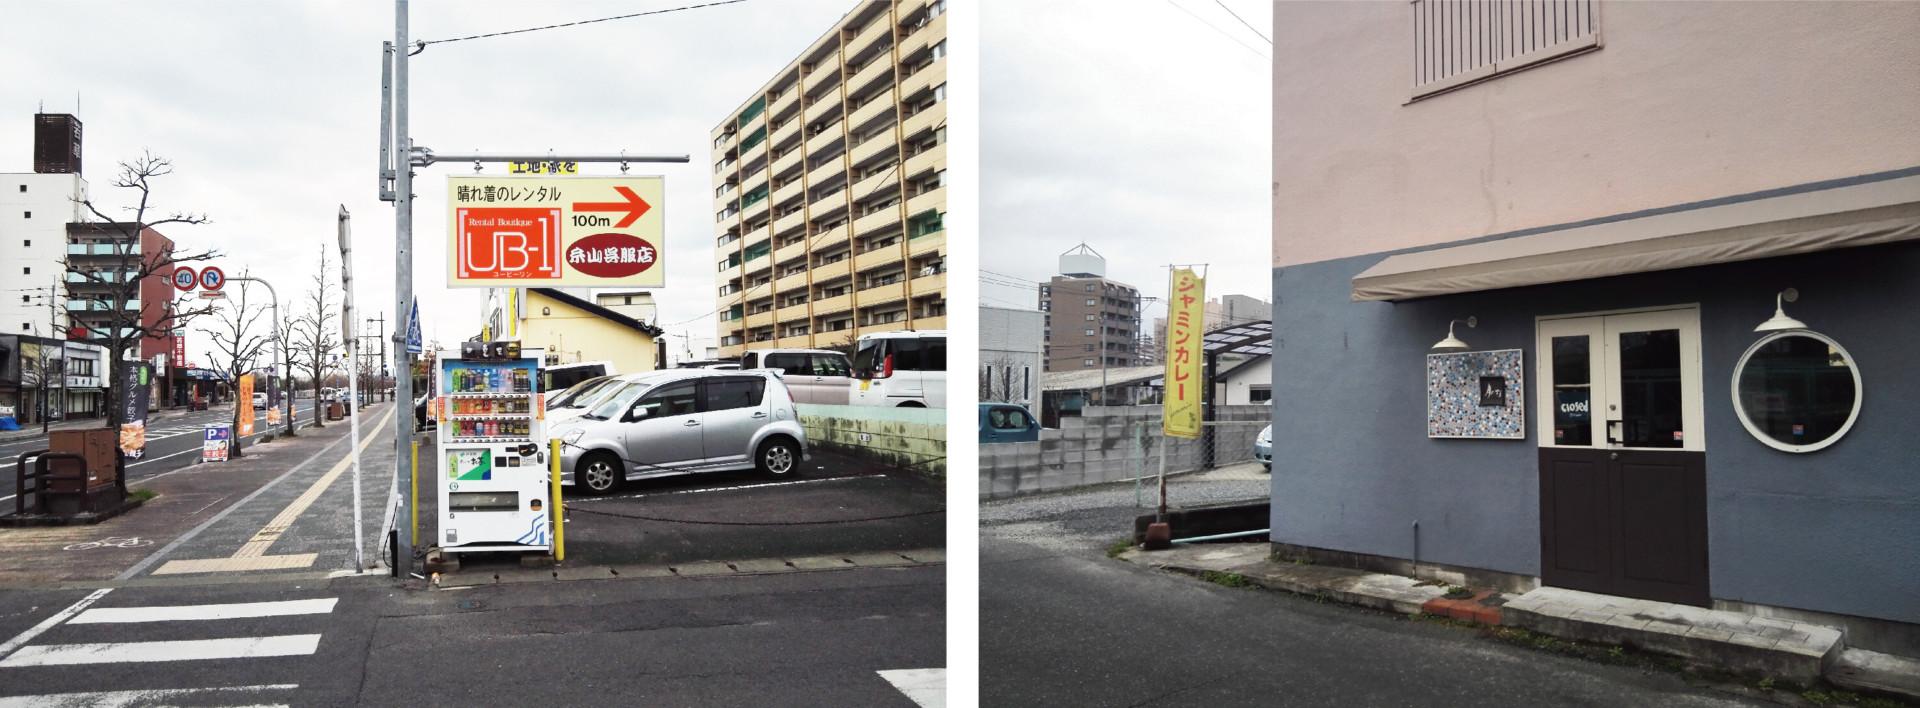 (順路①)駅南の道をDON3方面へ。写真の看板を右に進むと、のぼりが見えてきます